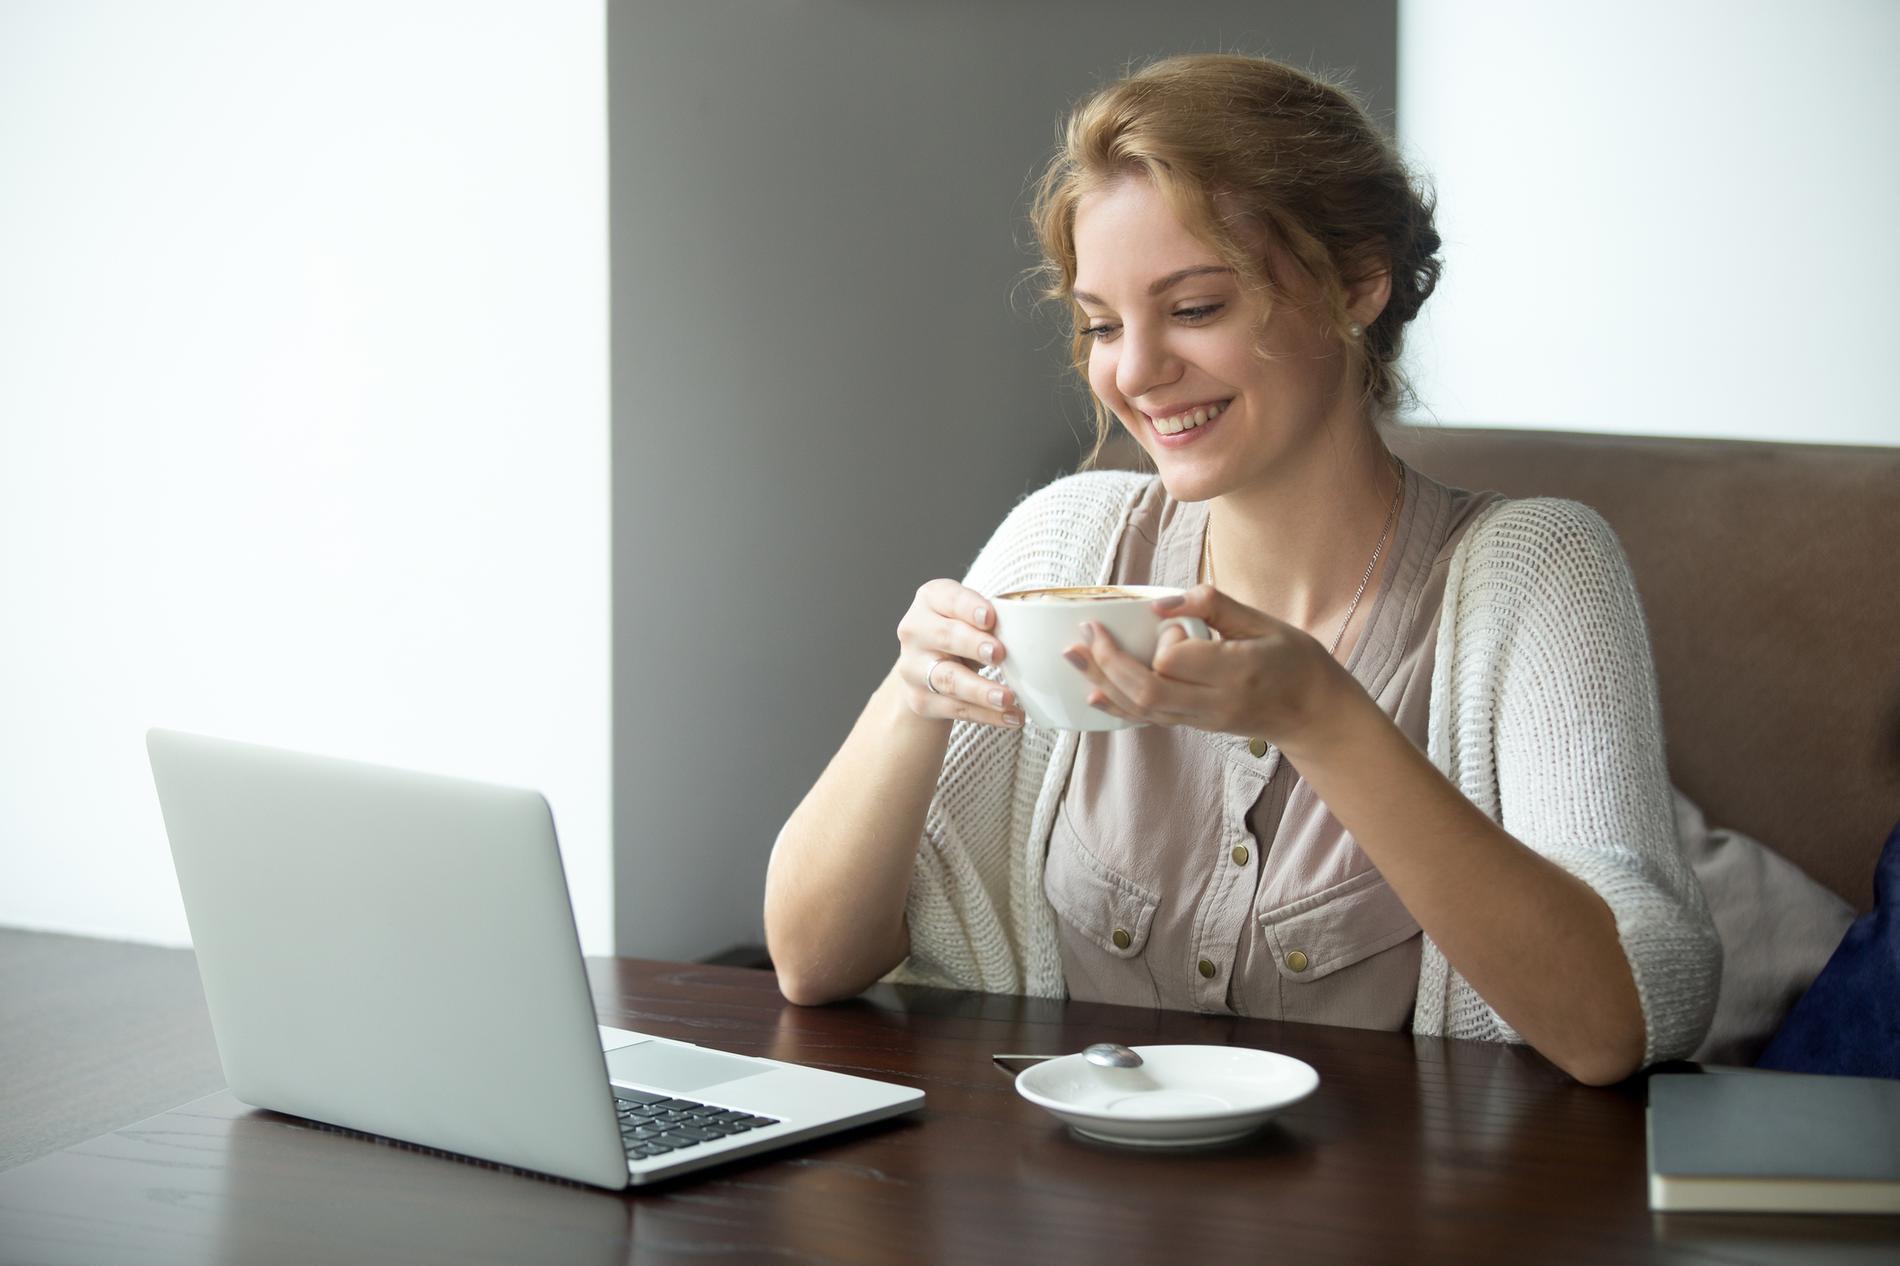 Dix sept idées pour se redonner le sourire au bureau madame figaro